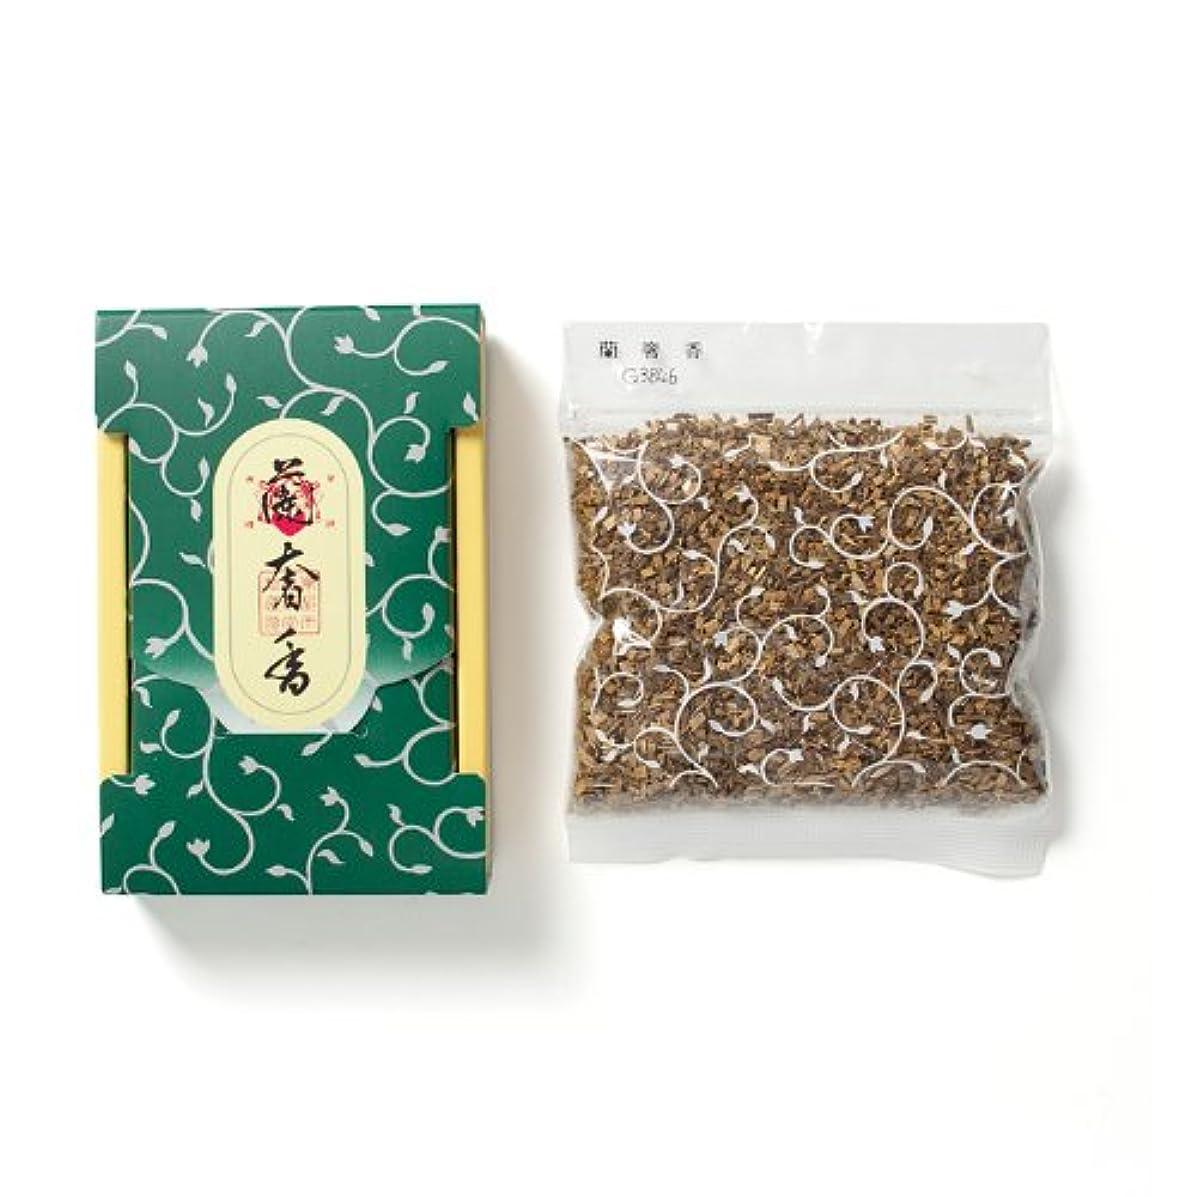 便利さビザグロー松栄堂のお焼香 蘭奢香 25g詰 小箱入 #410741